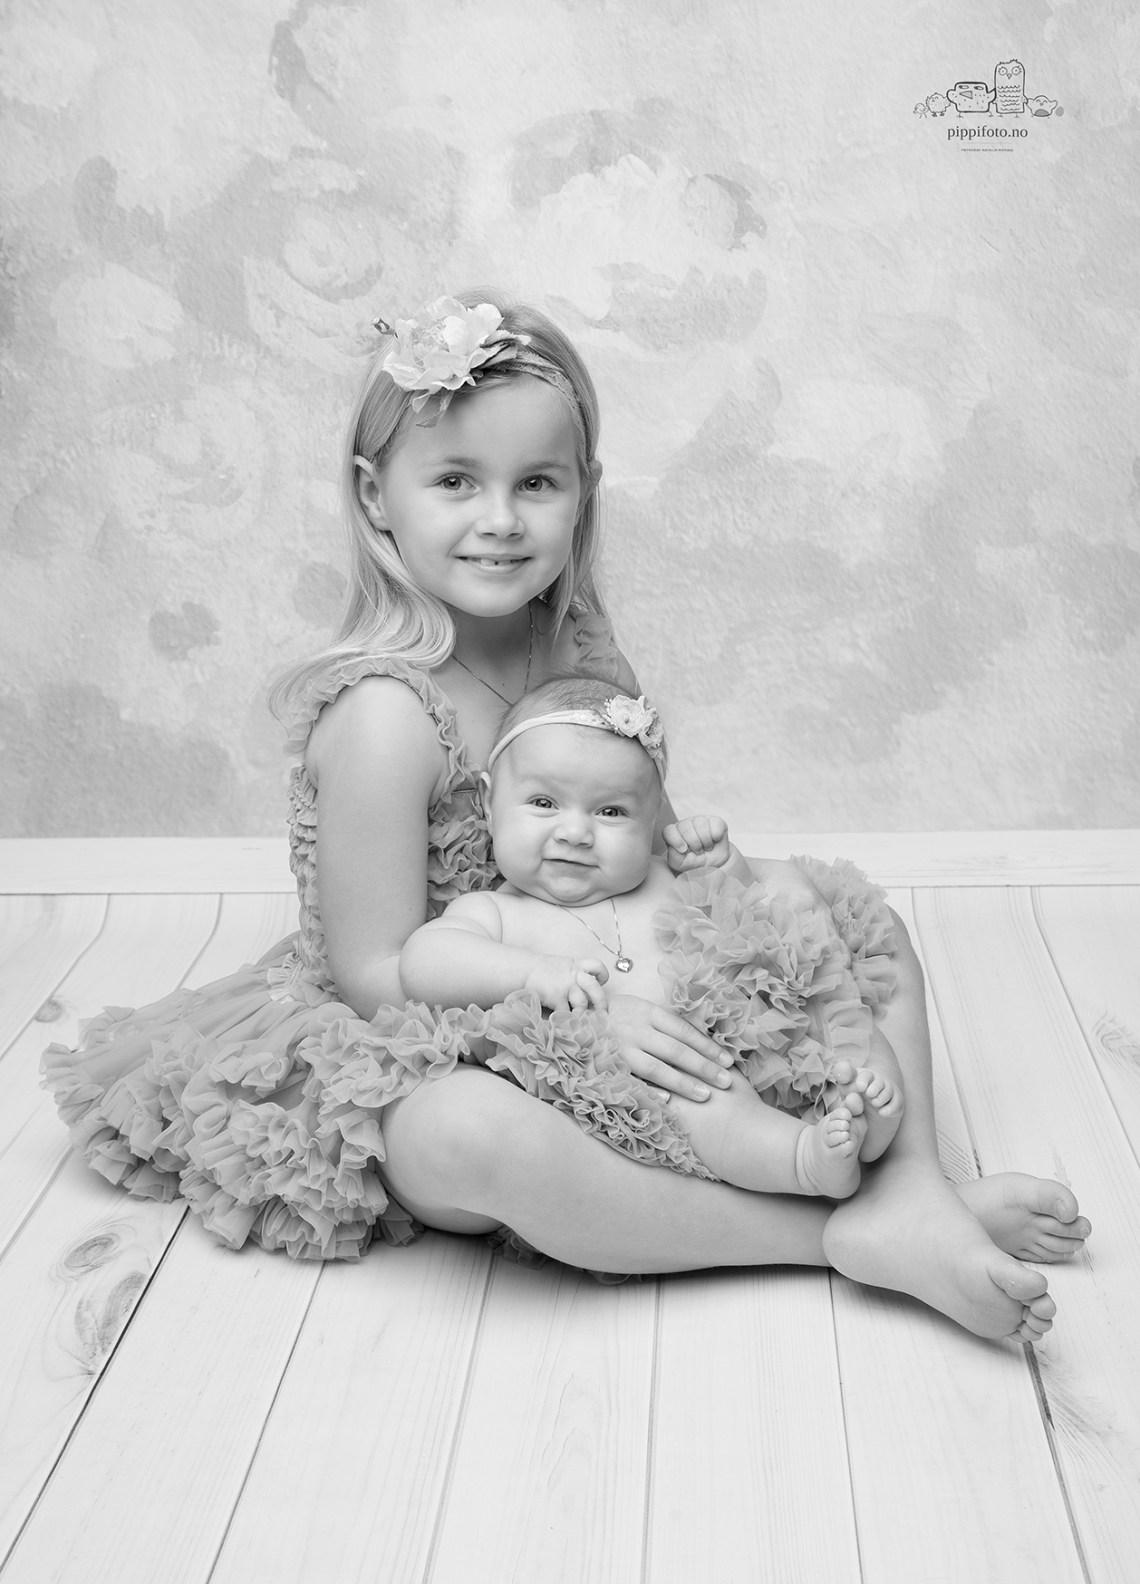 søsken-fotografering-søskenbilder-barnefotografering-oslo-babyfotografering-pris